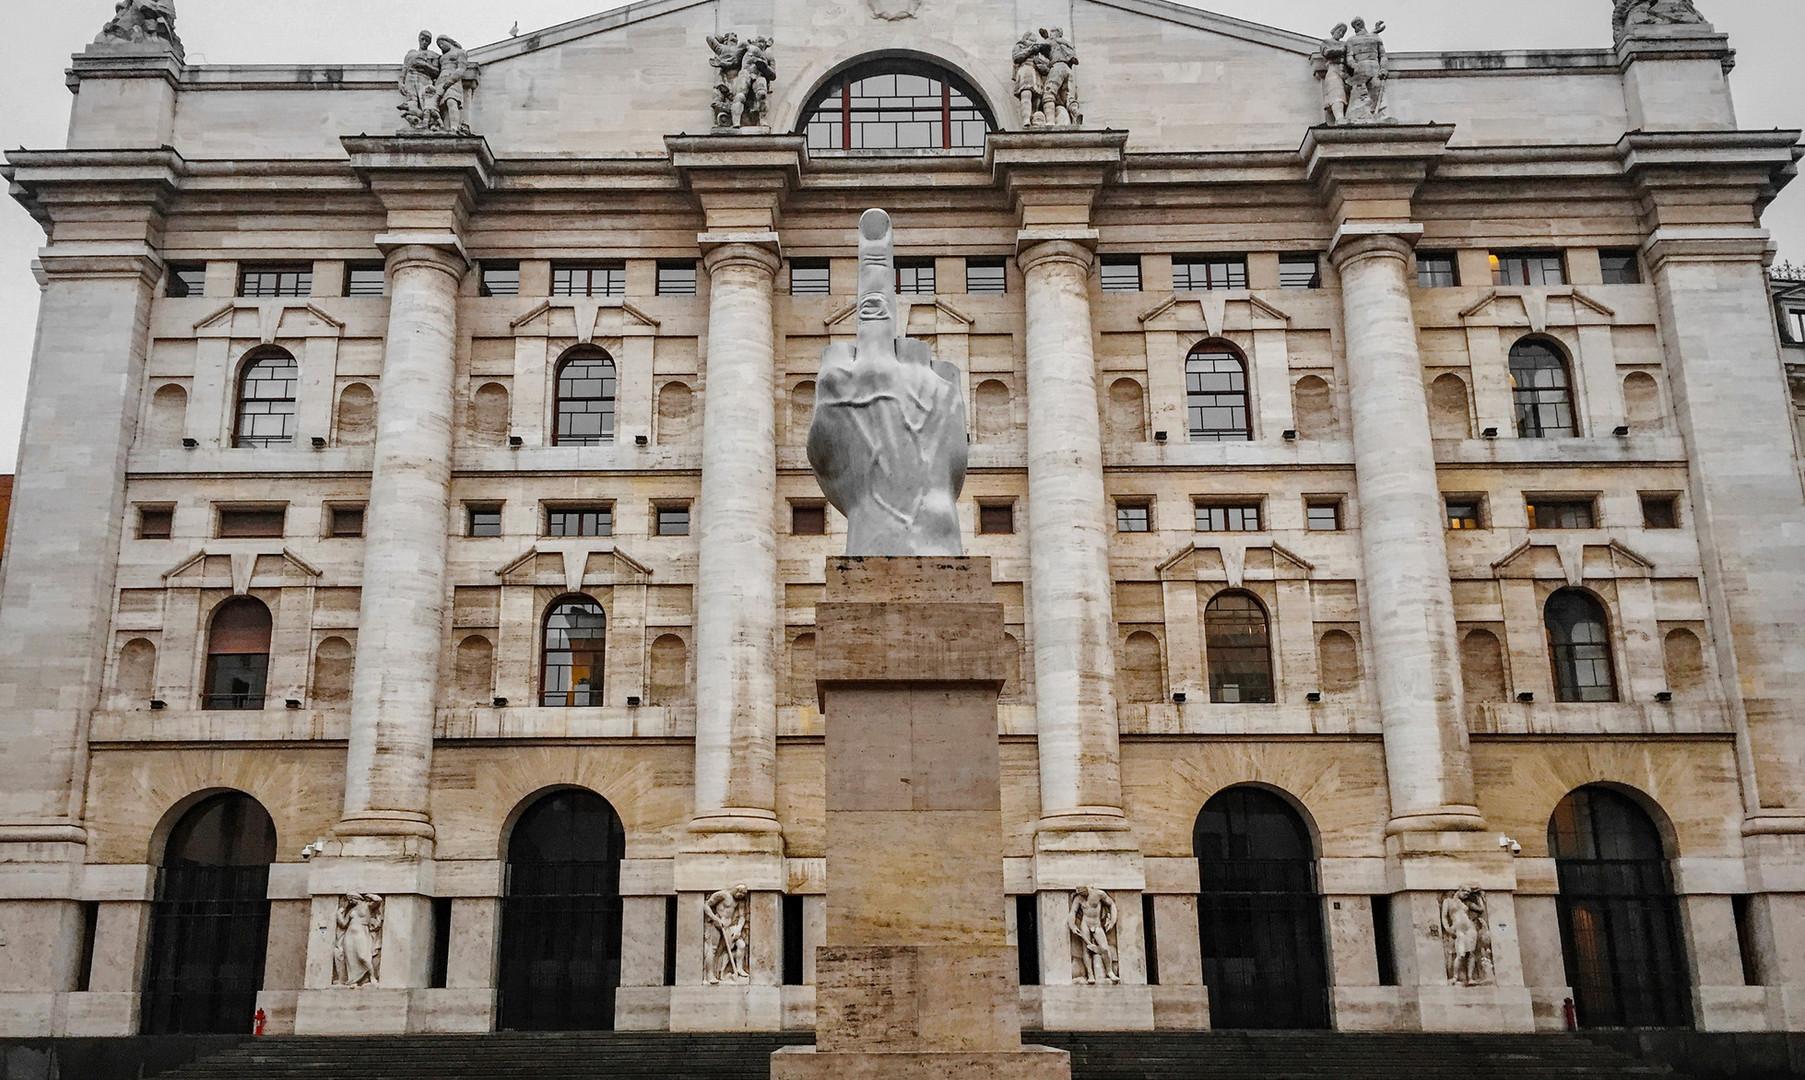 """Композиция """"Напоминание о кризисе"""" на Piazza Affari, Милан"""